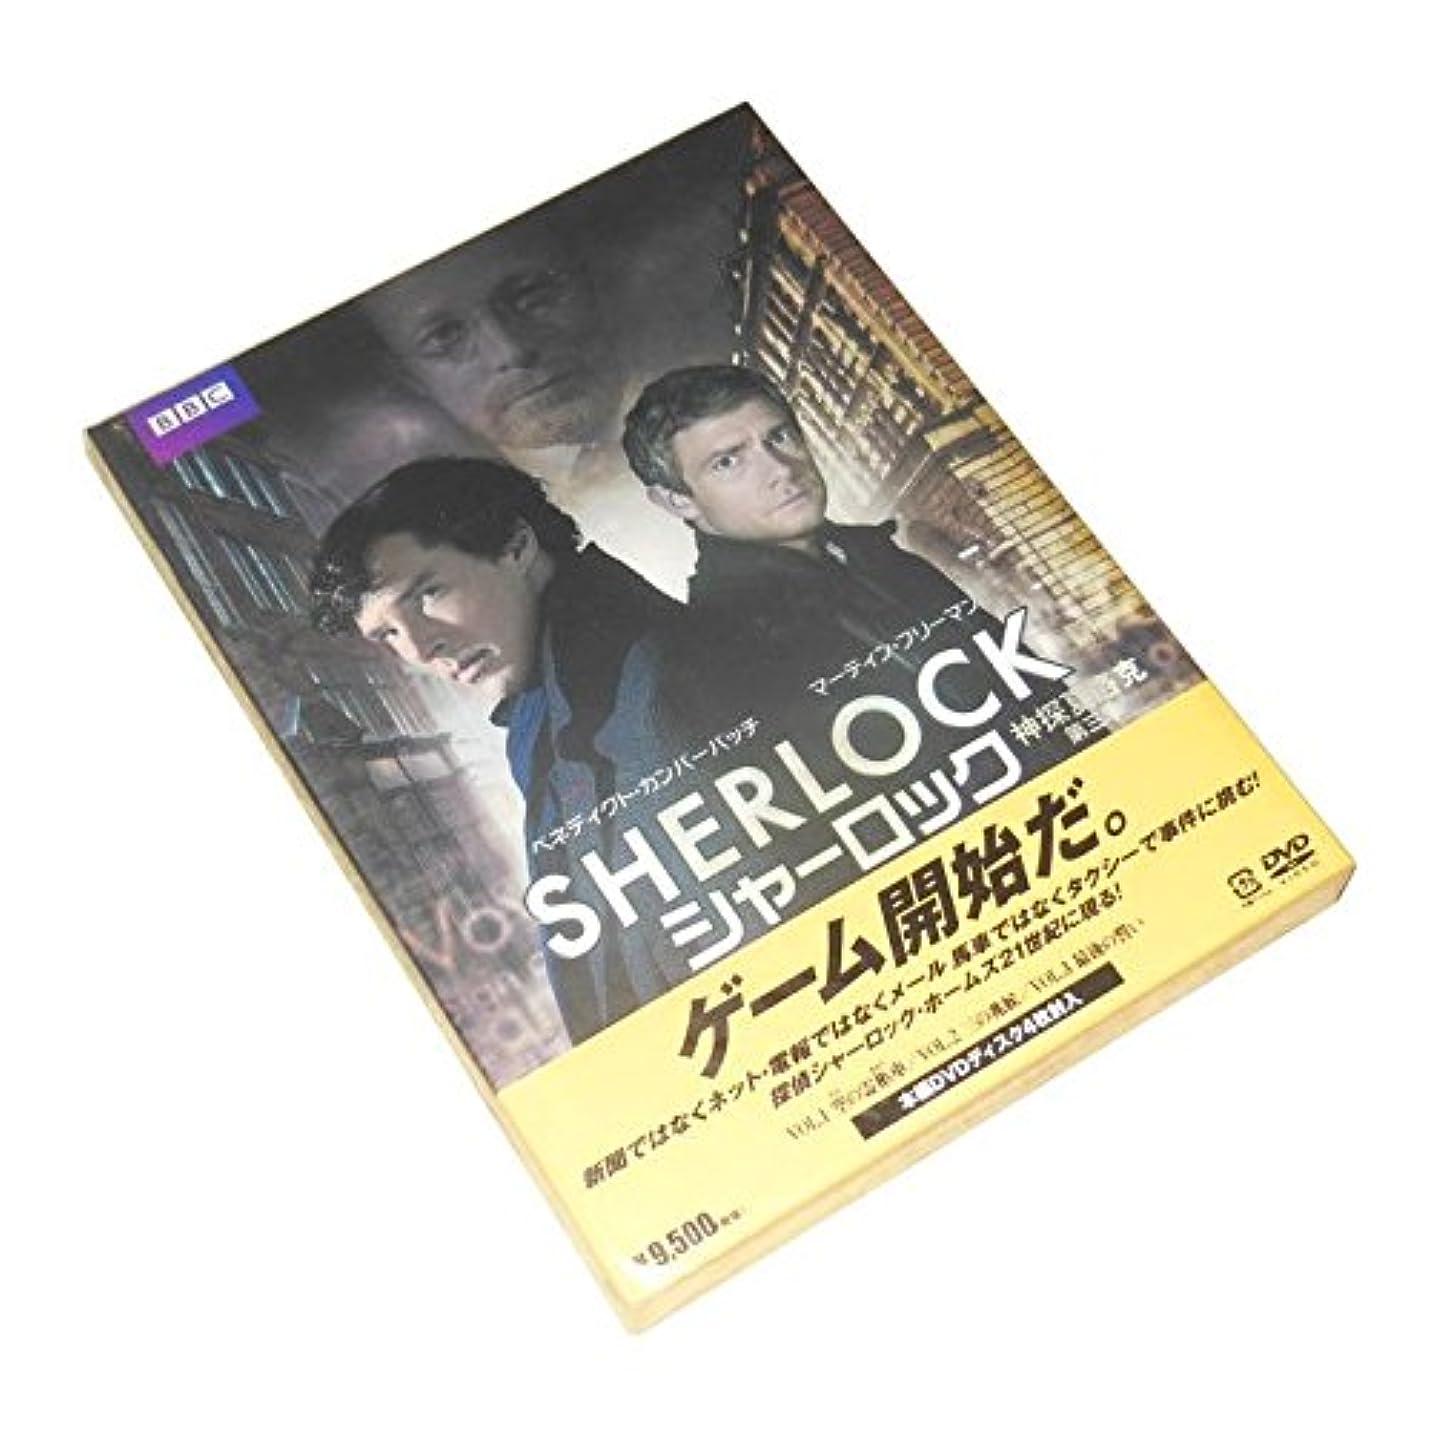 効果道キッチン『SHERLOCK/シャーロック』 プチ?ボックス シーズン3 2016 主演: ベネディクト?カンバーバッチ